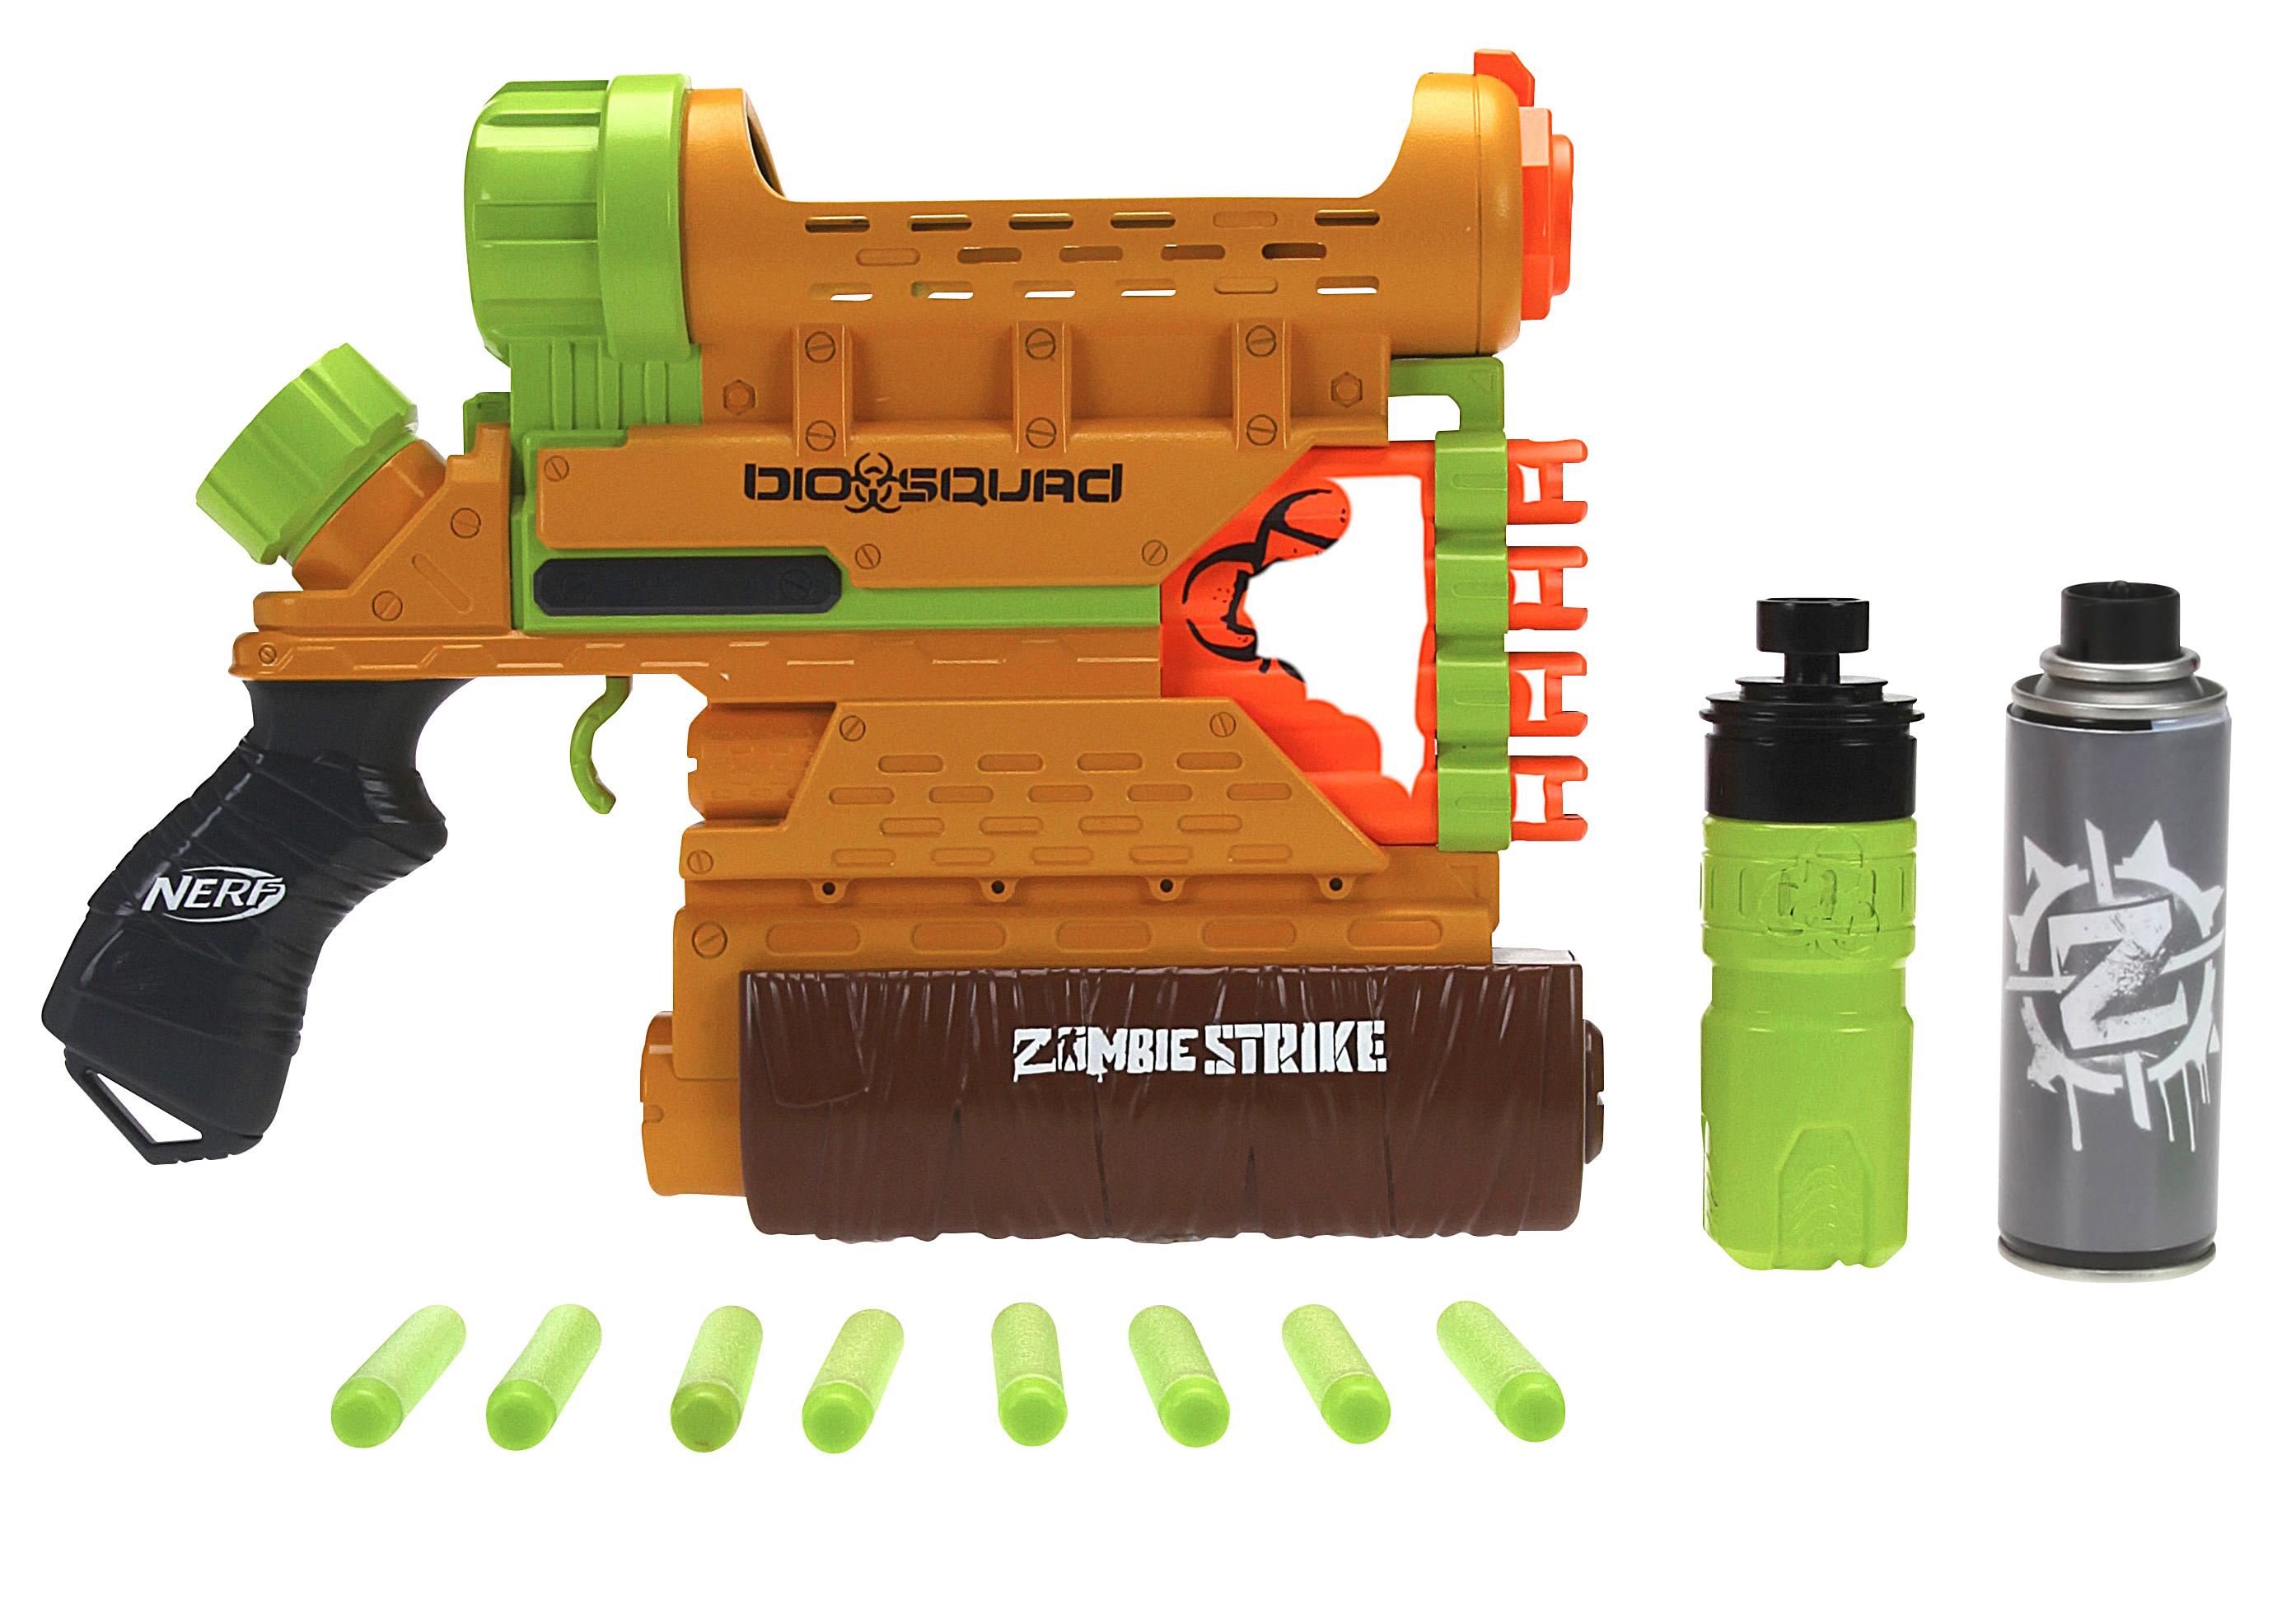 Spielzeug für draußen Nerf Zombie Strike Biosquad Zombie Repellent Can